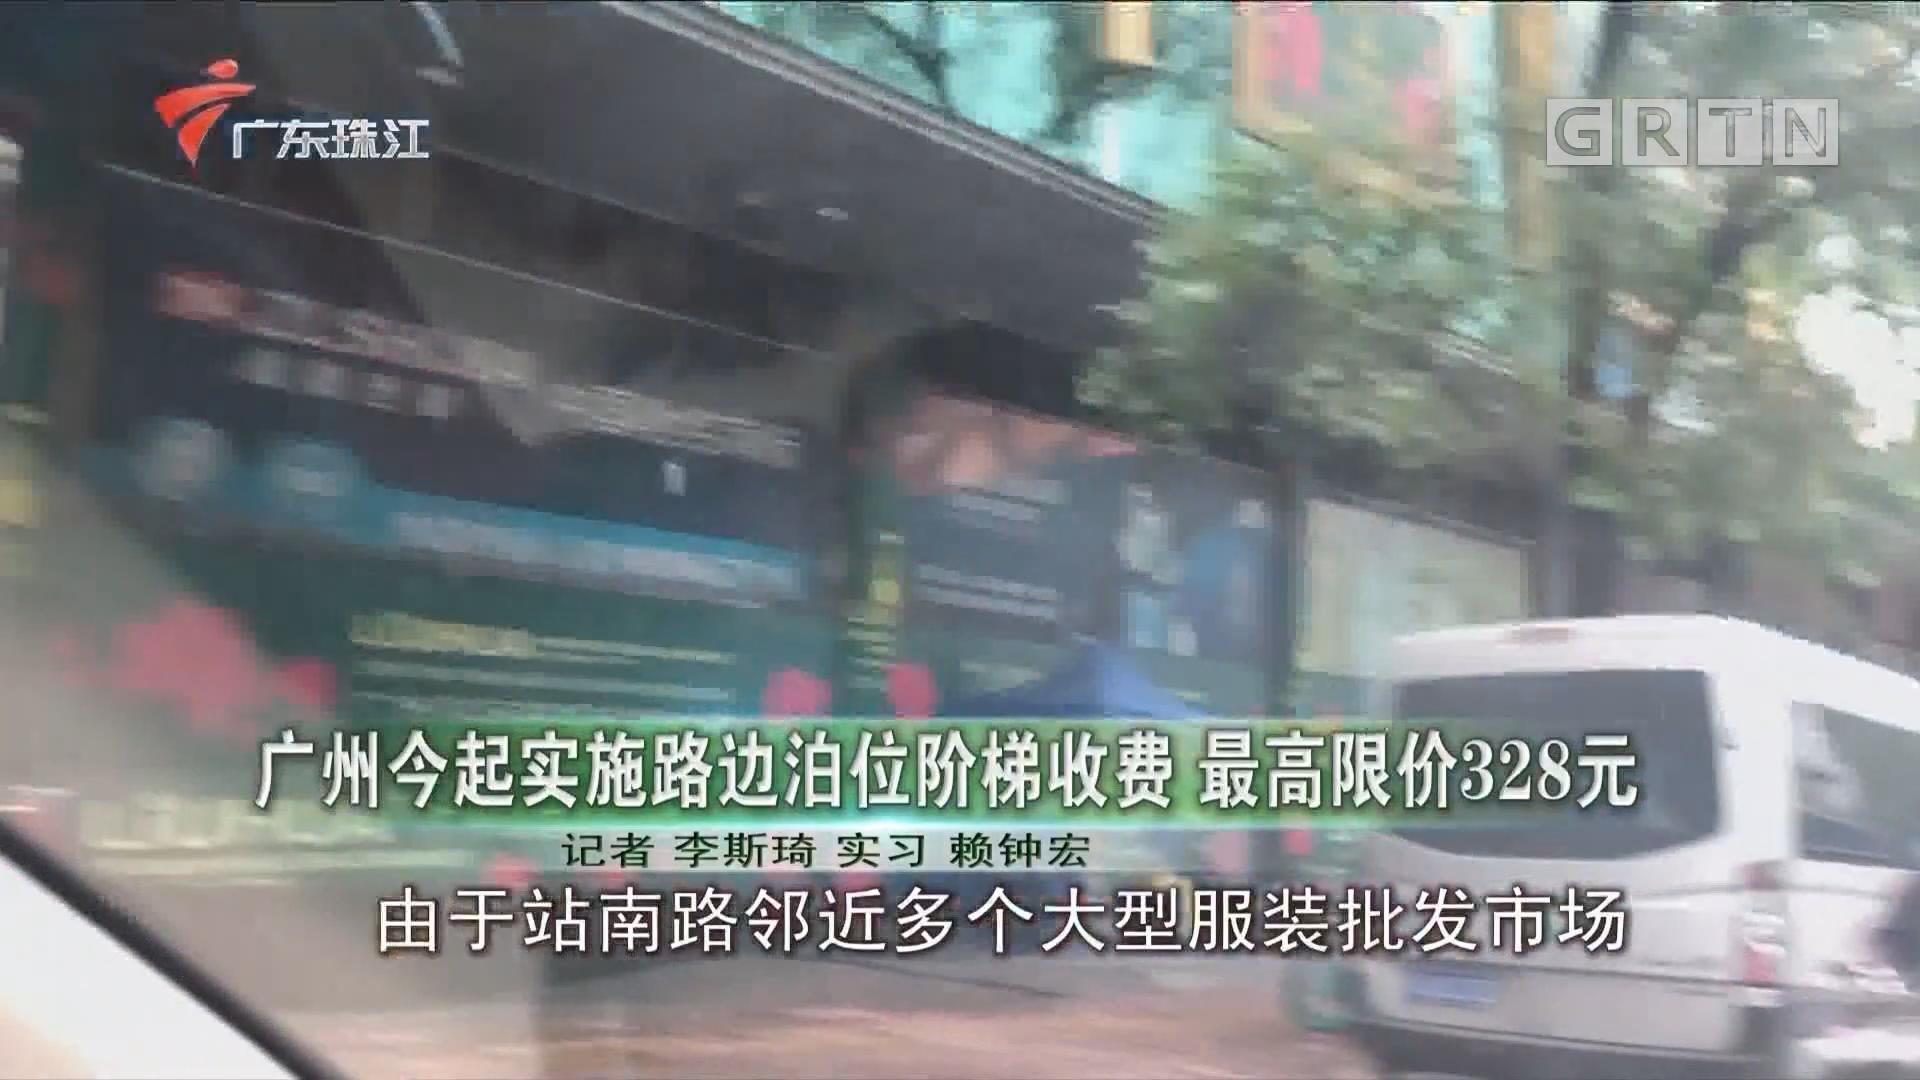 广州今起实施路边泊位阶梯收费 最高限价328元